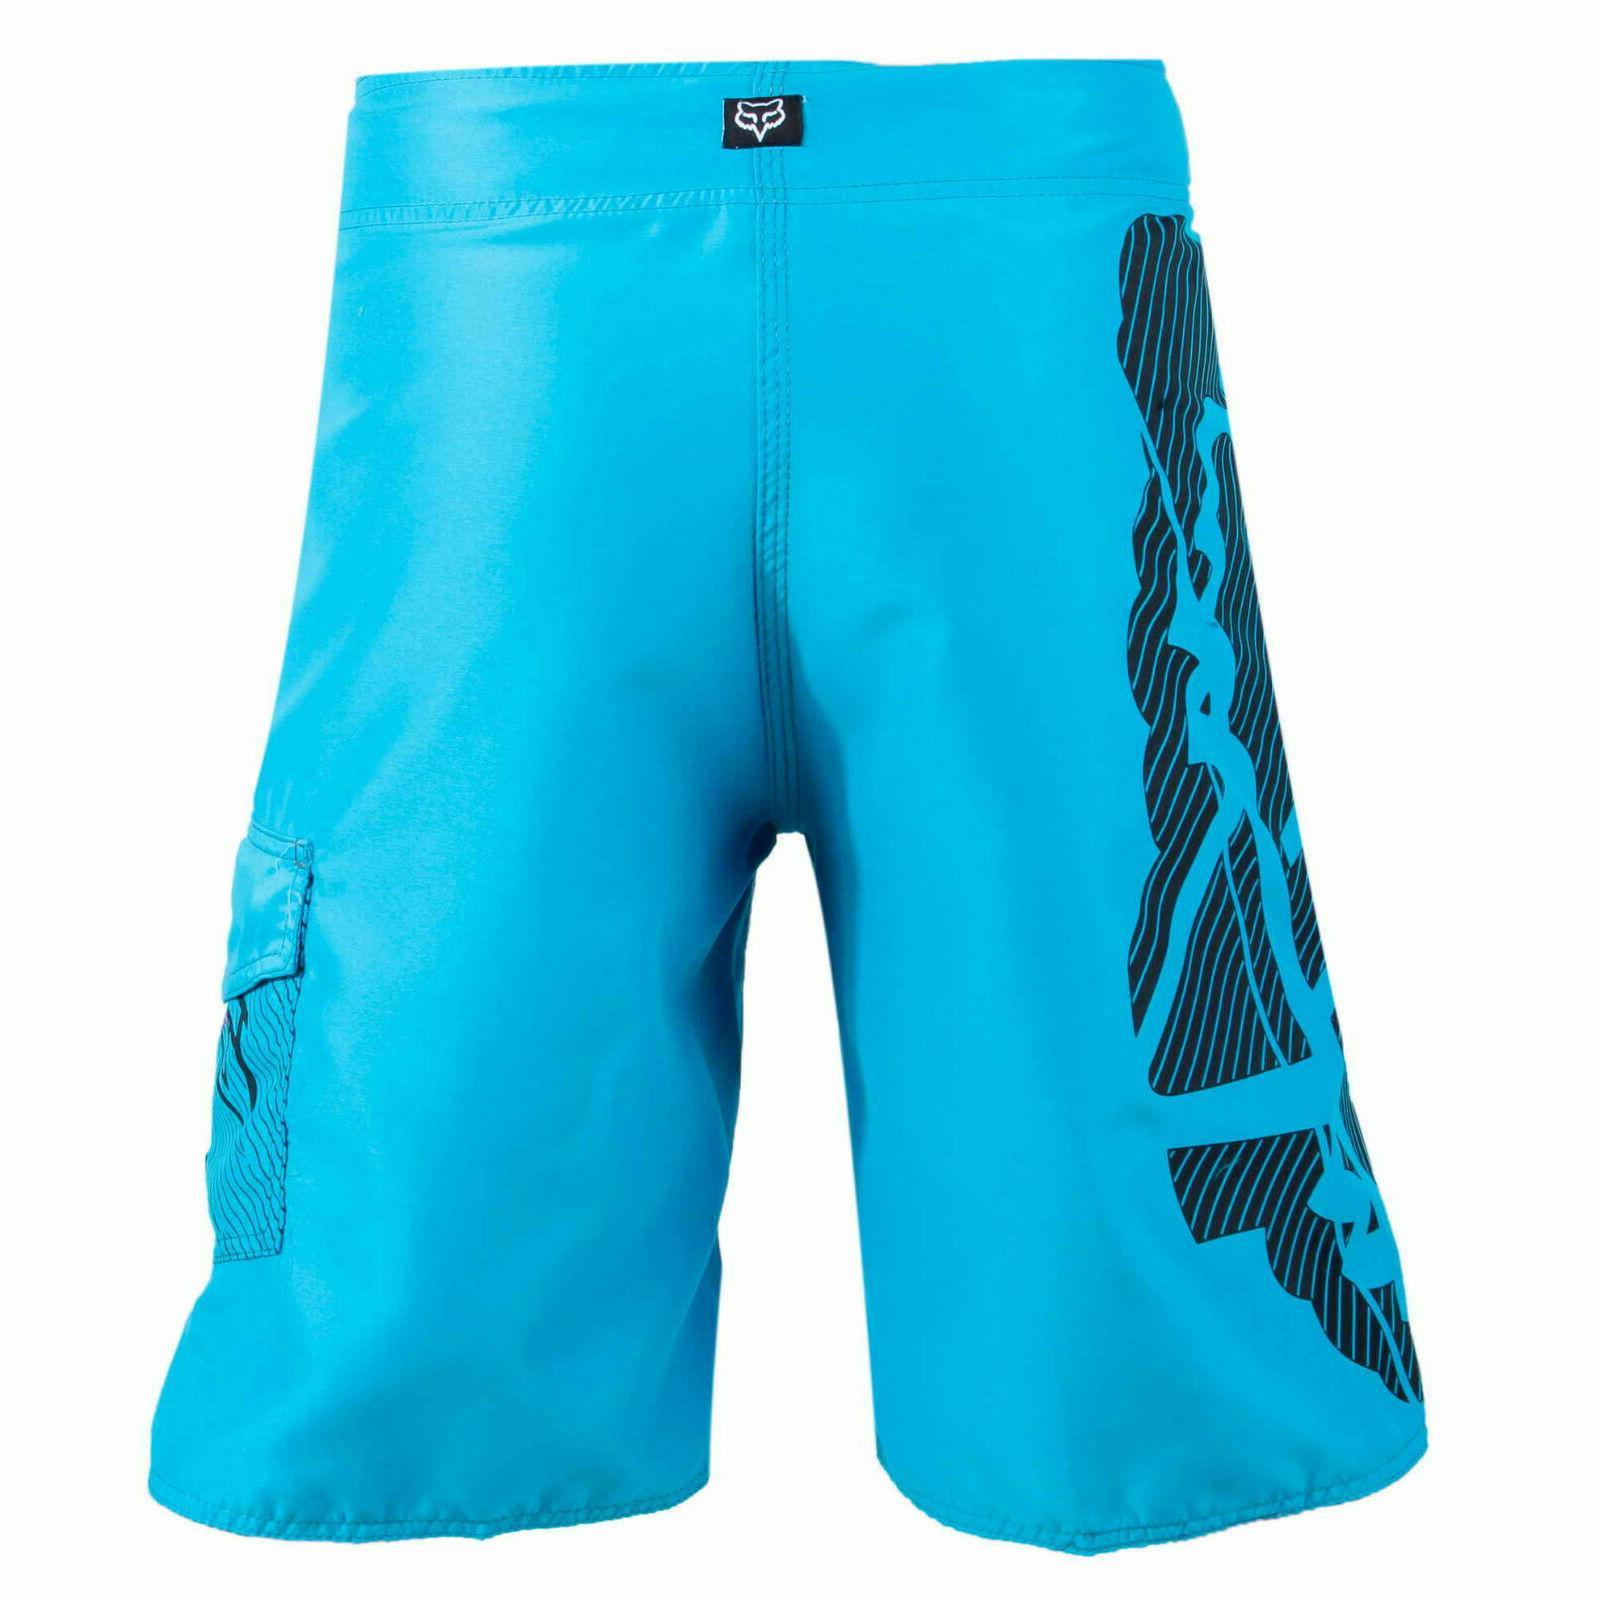 FOX Mens Boardshorts Shorts SHORTS